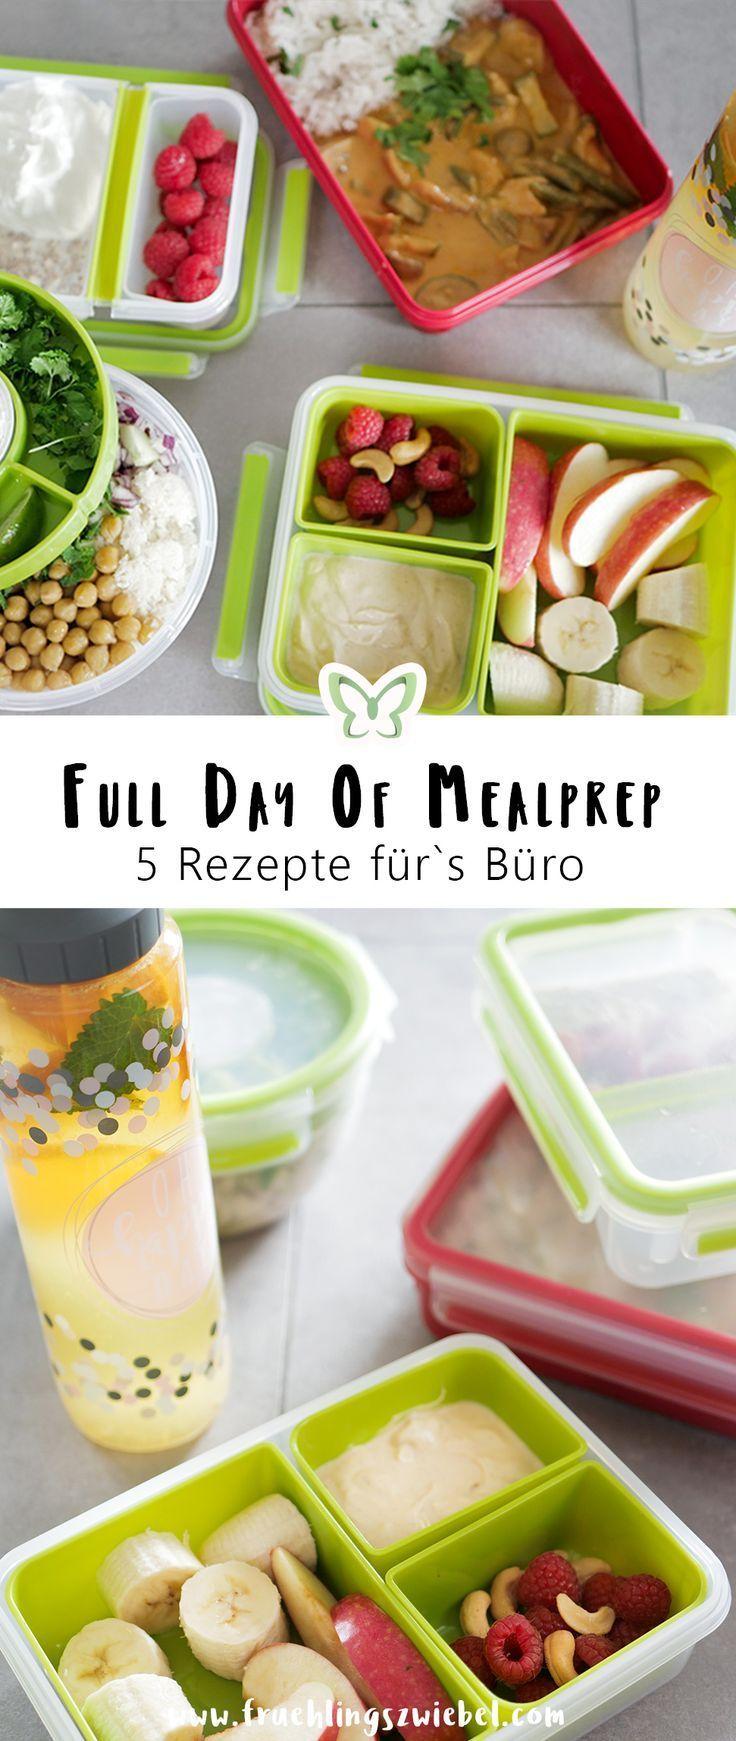 4 einfache Meal Prep Rezepte fürs Büro - 1600 Kalorien Beispieltag